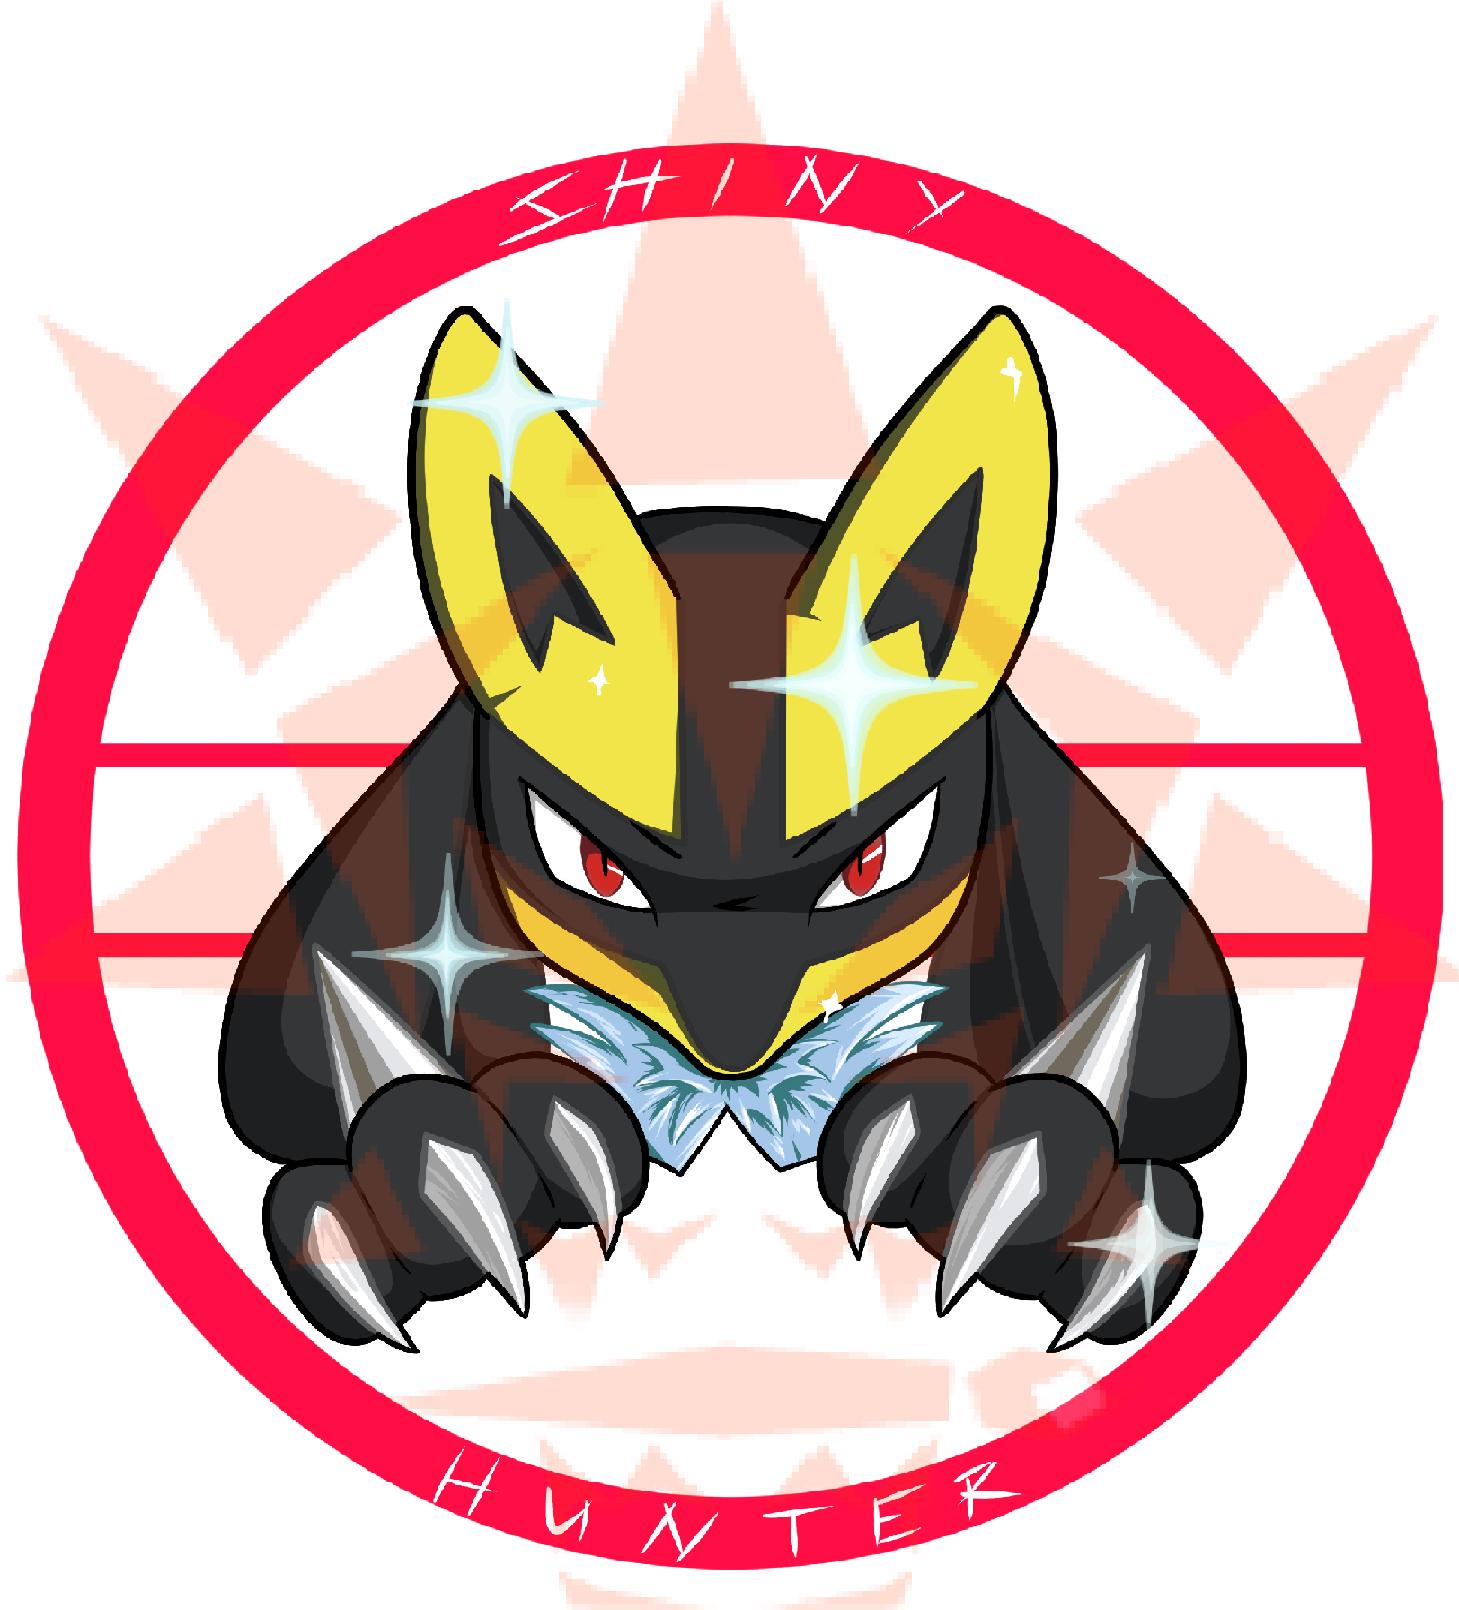 Pokémon-Zeichnung: Shiny HUnter T-Shirt Design